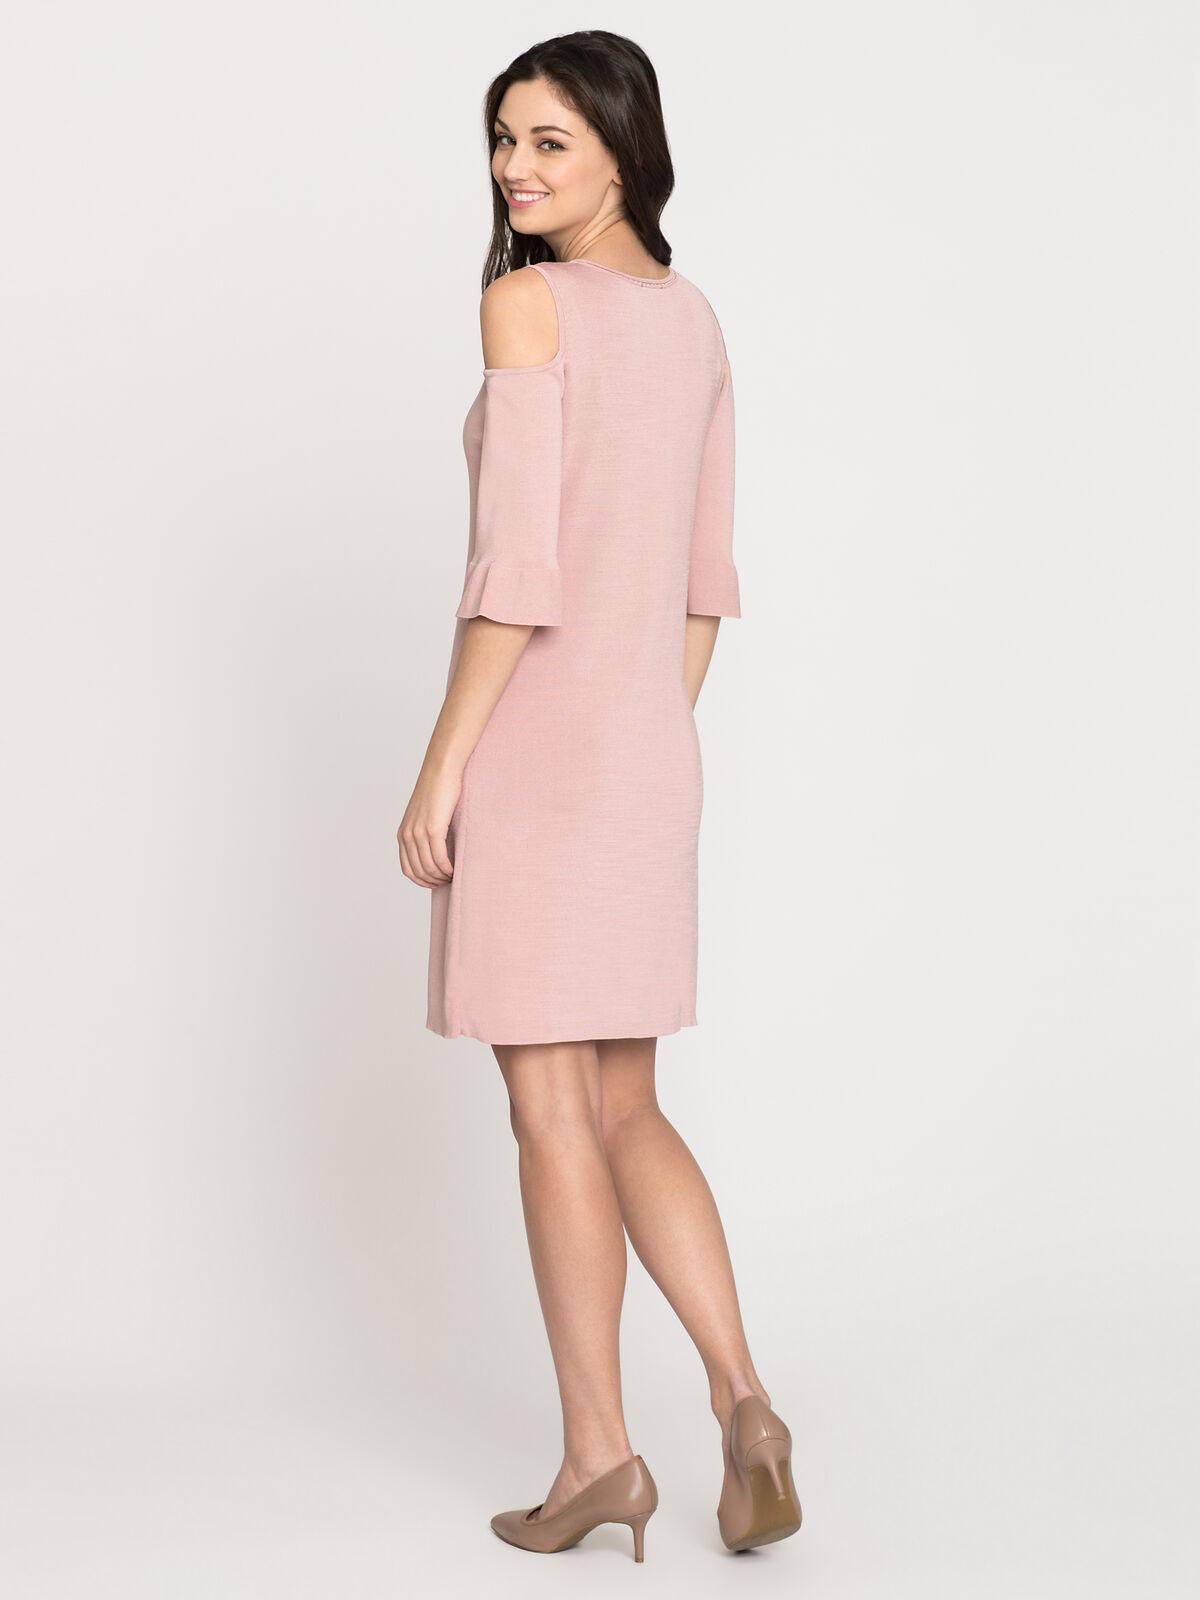 Pointelle Pattern Dress